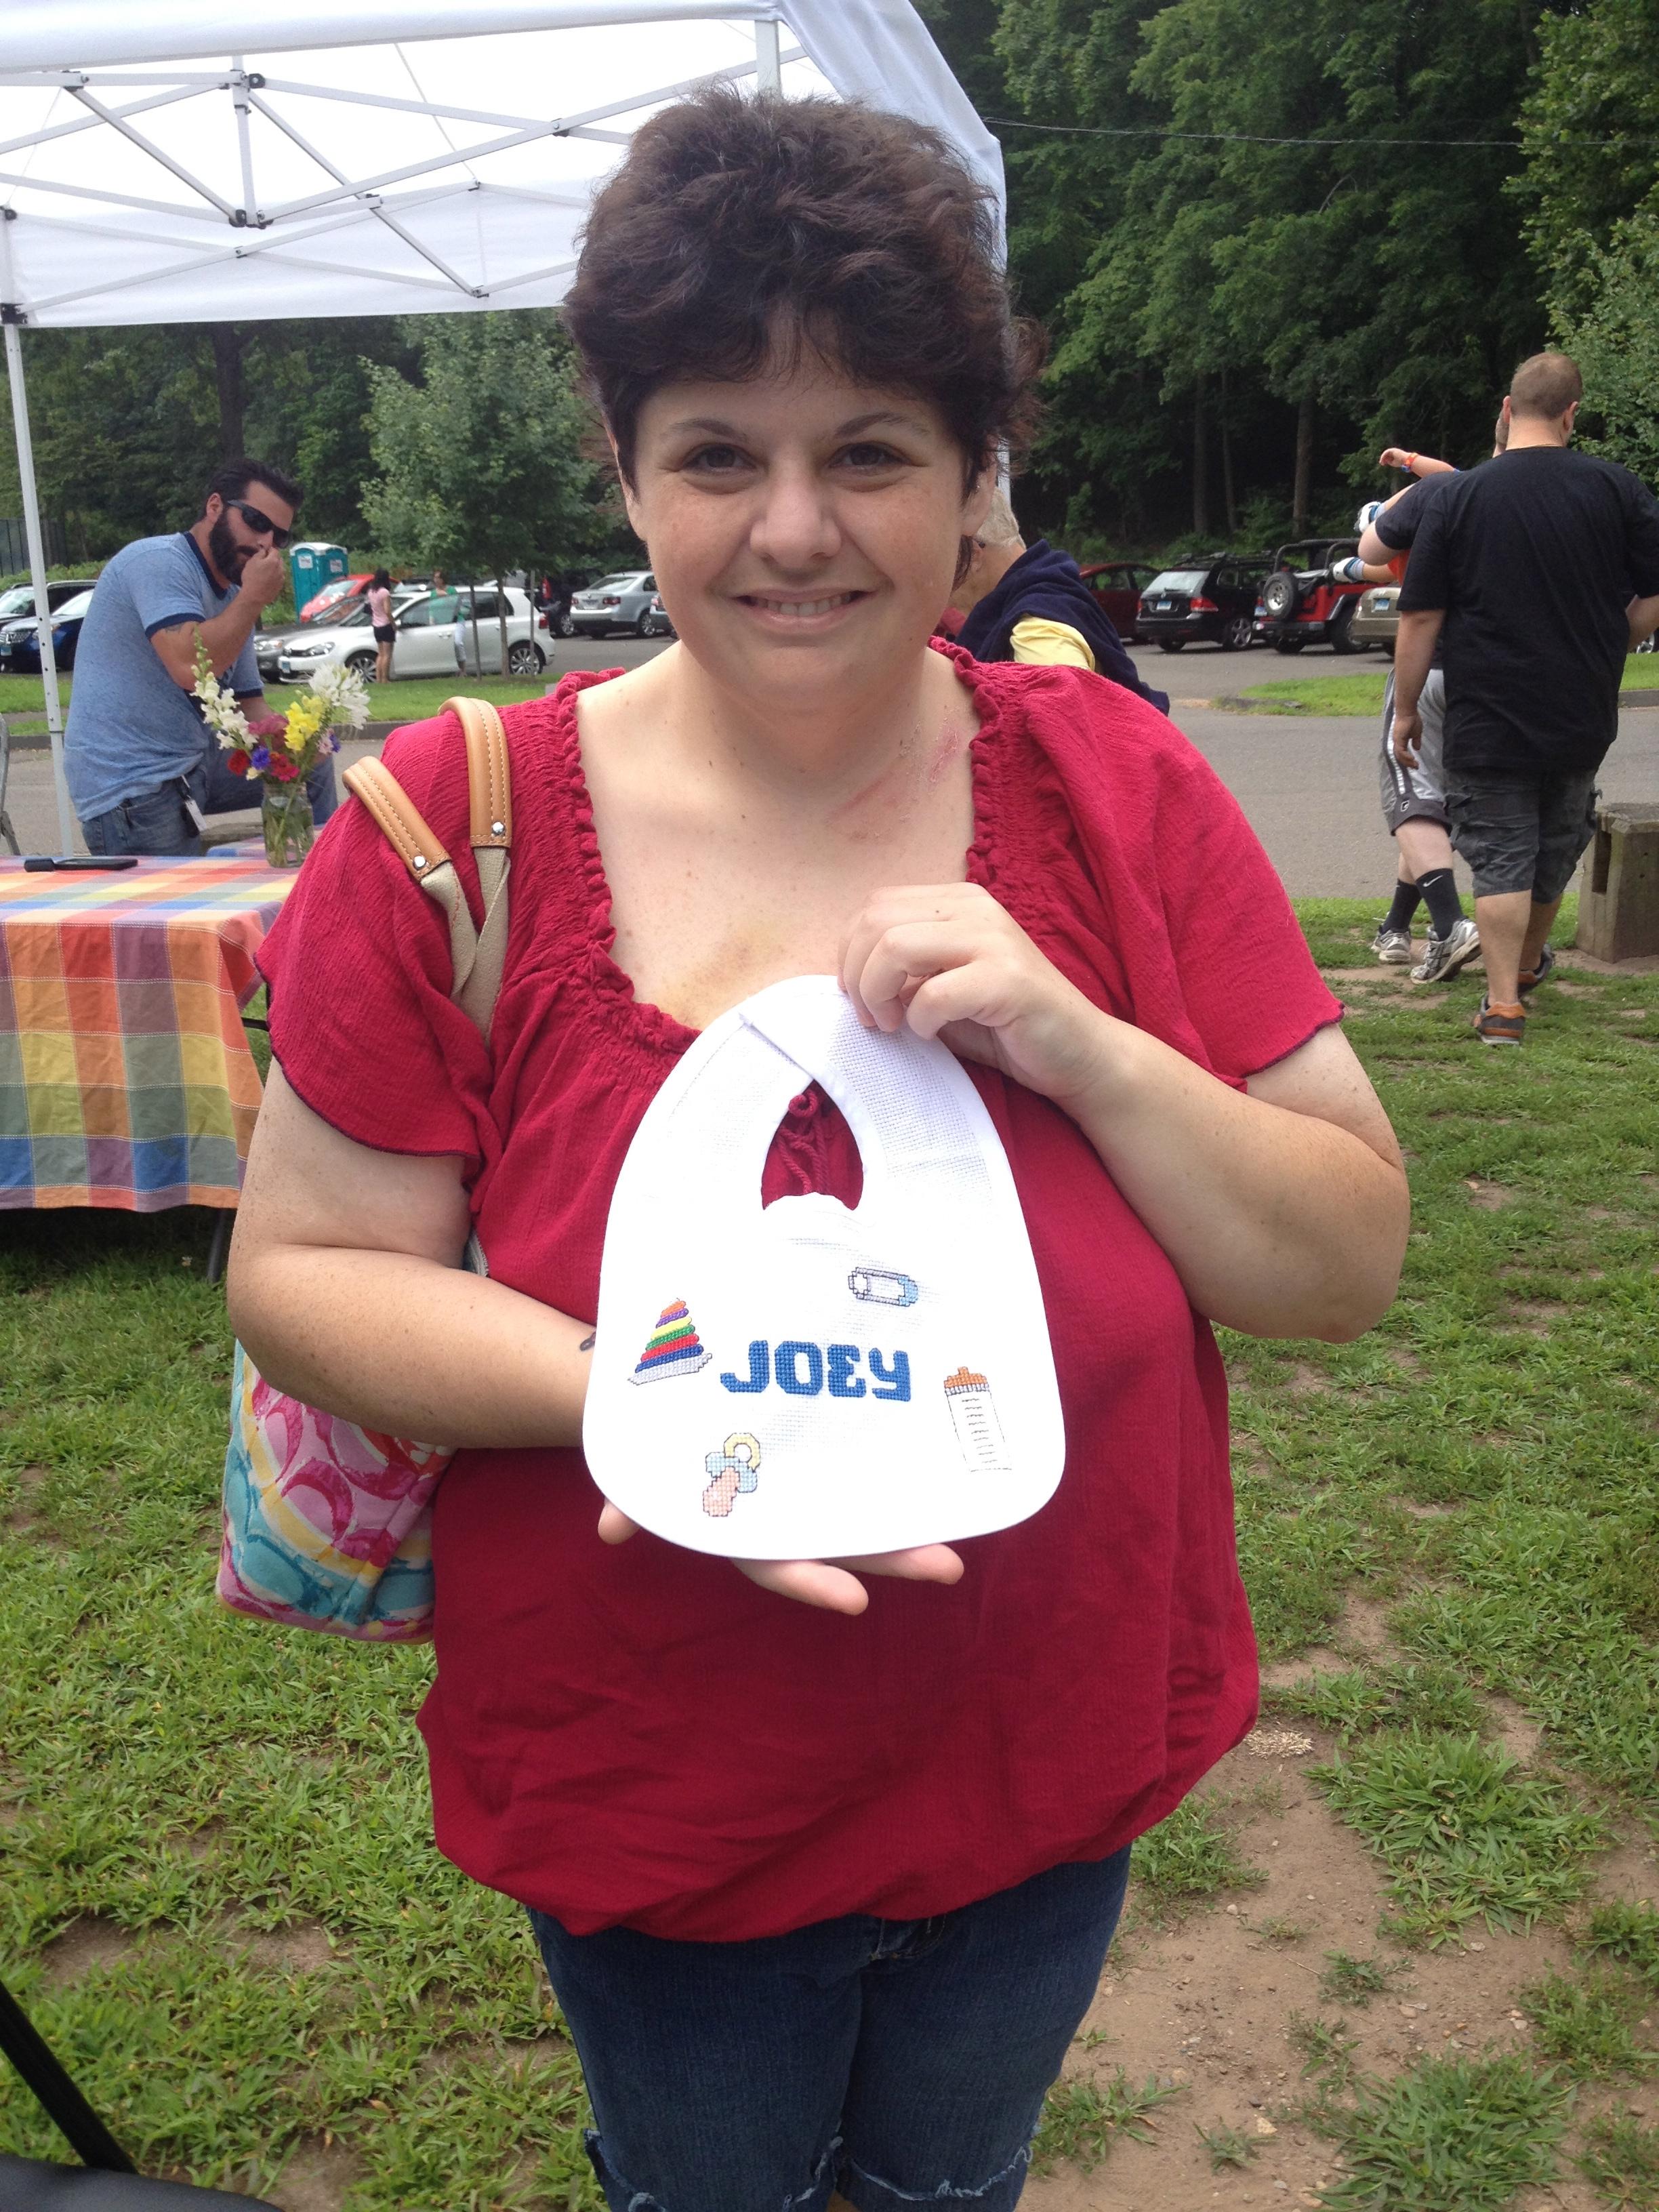 Anastacia D'Aiuto donates a cross-stitched bib to MMoAA at the Edgewood Park Farmer's Market